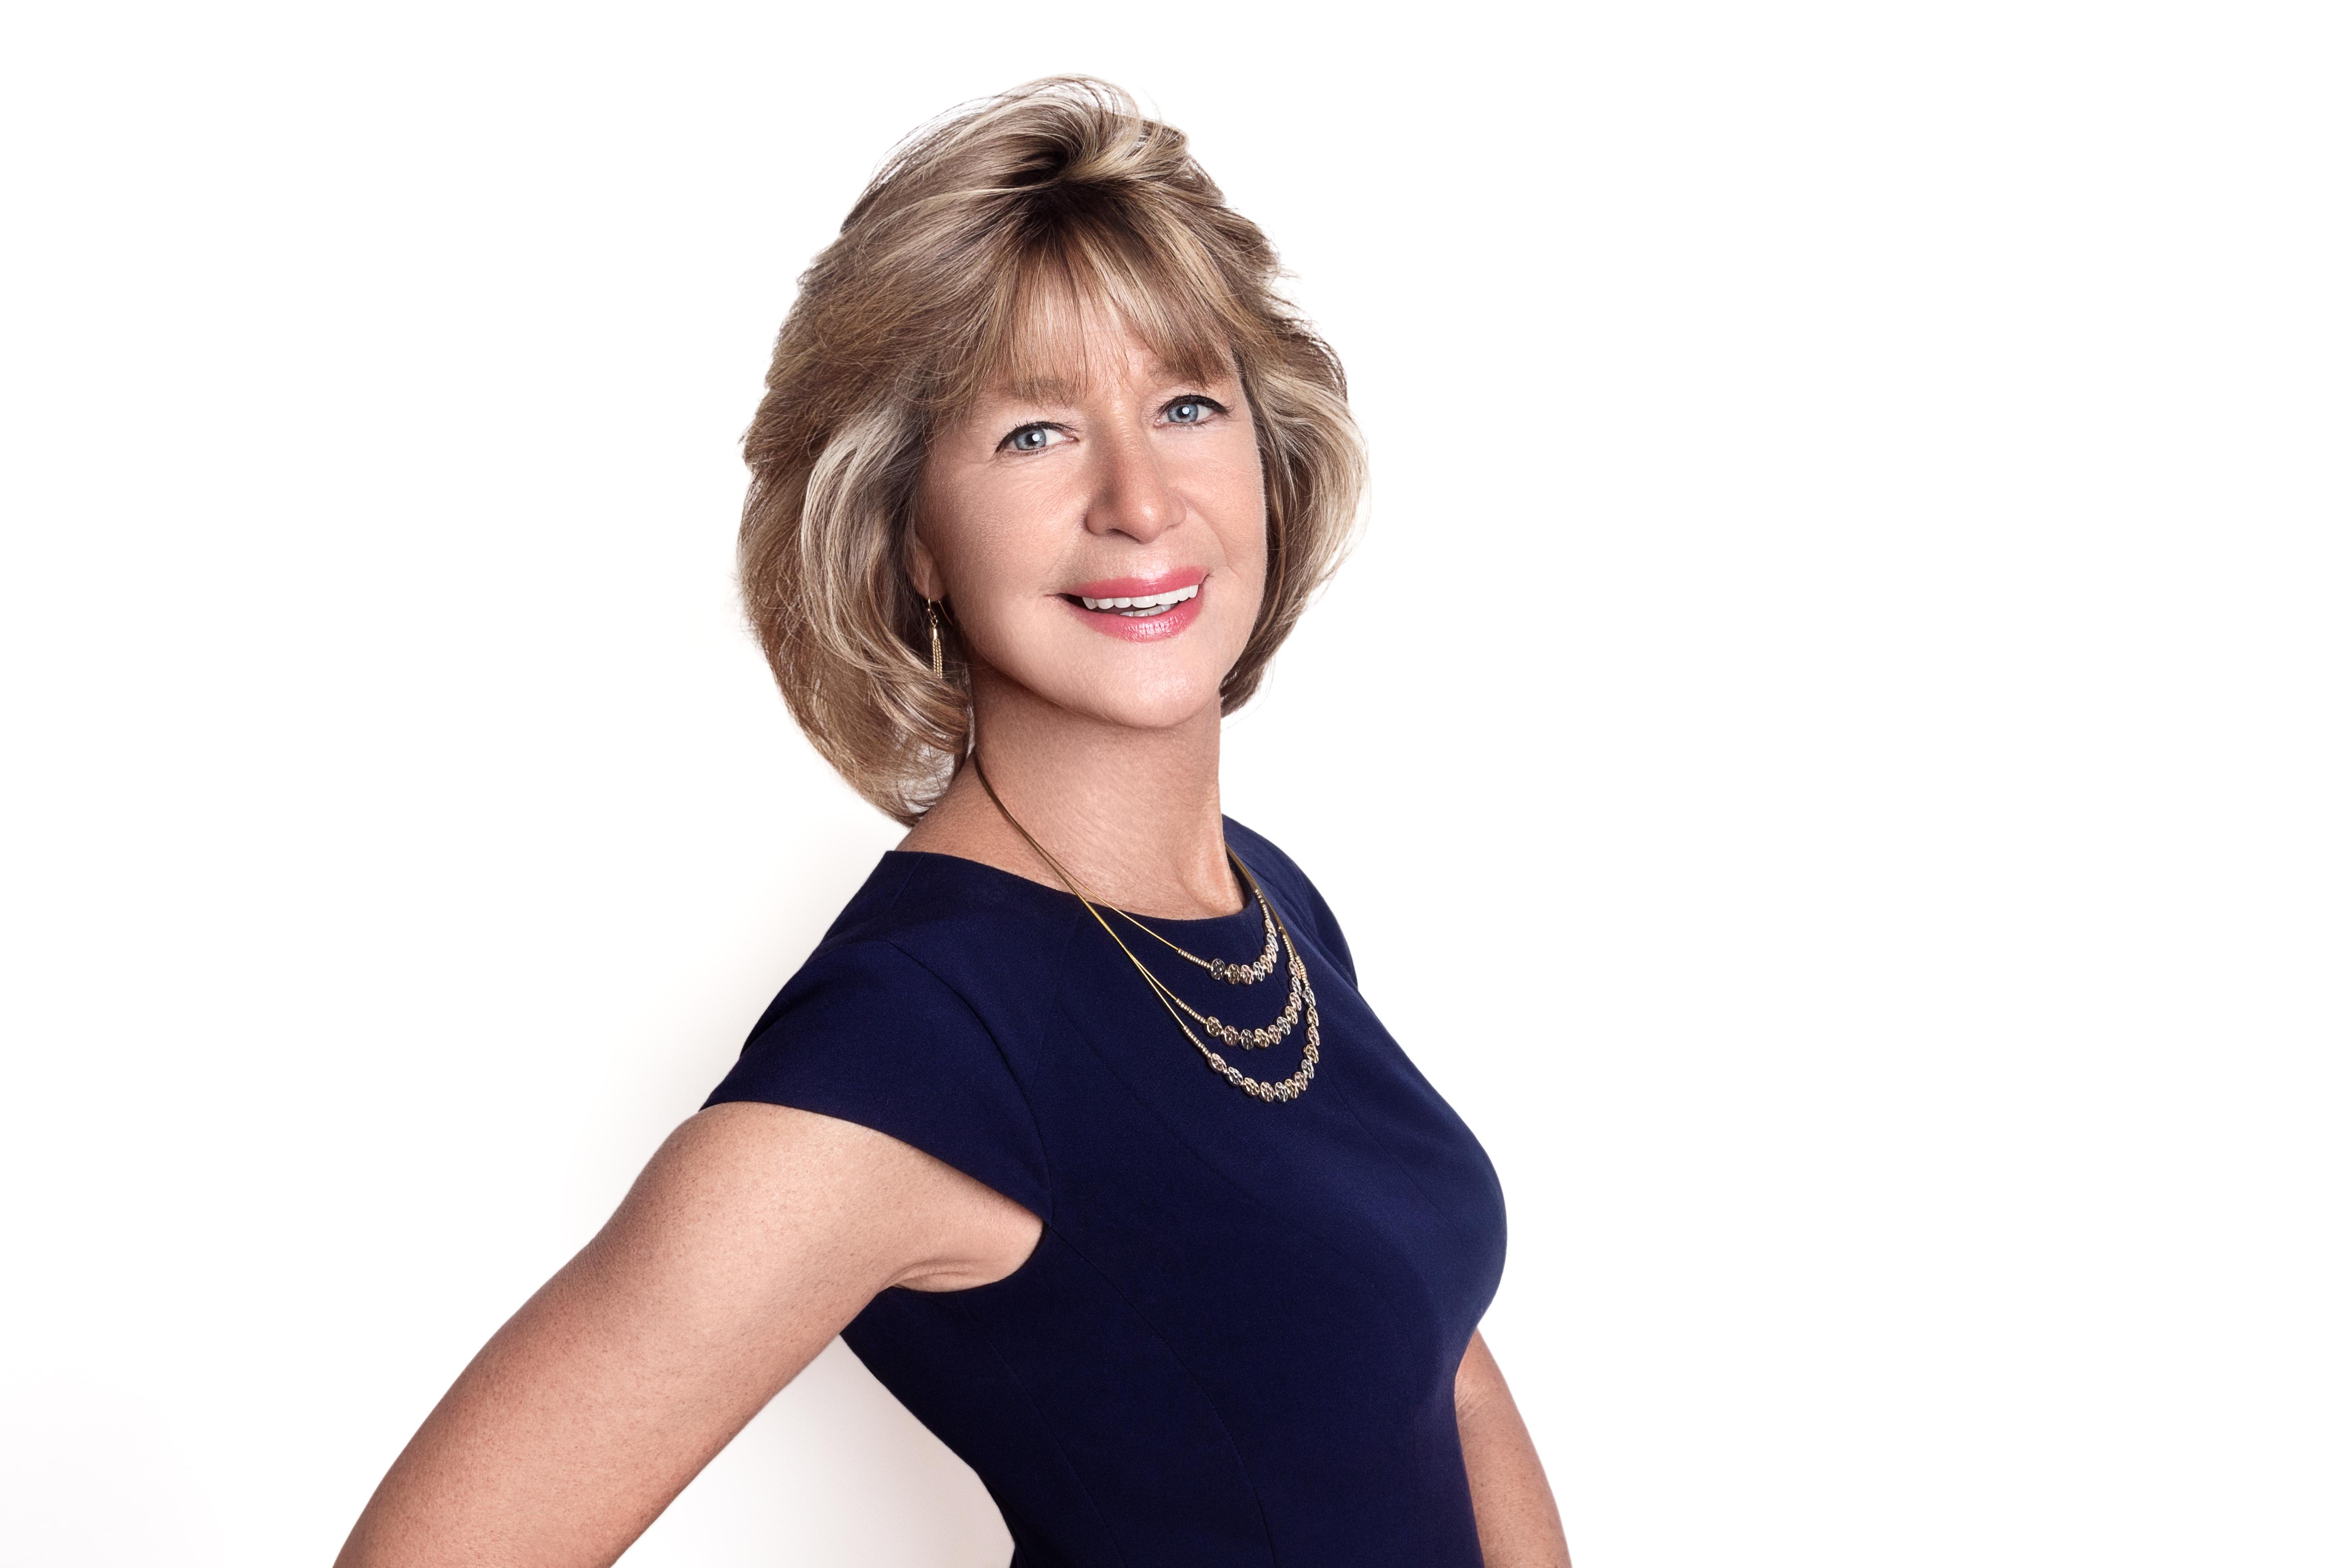 Jennifer Olson Real Estate Agent Rockville Md